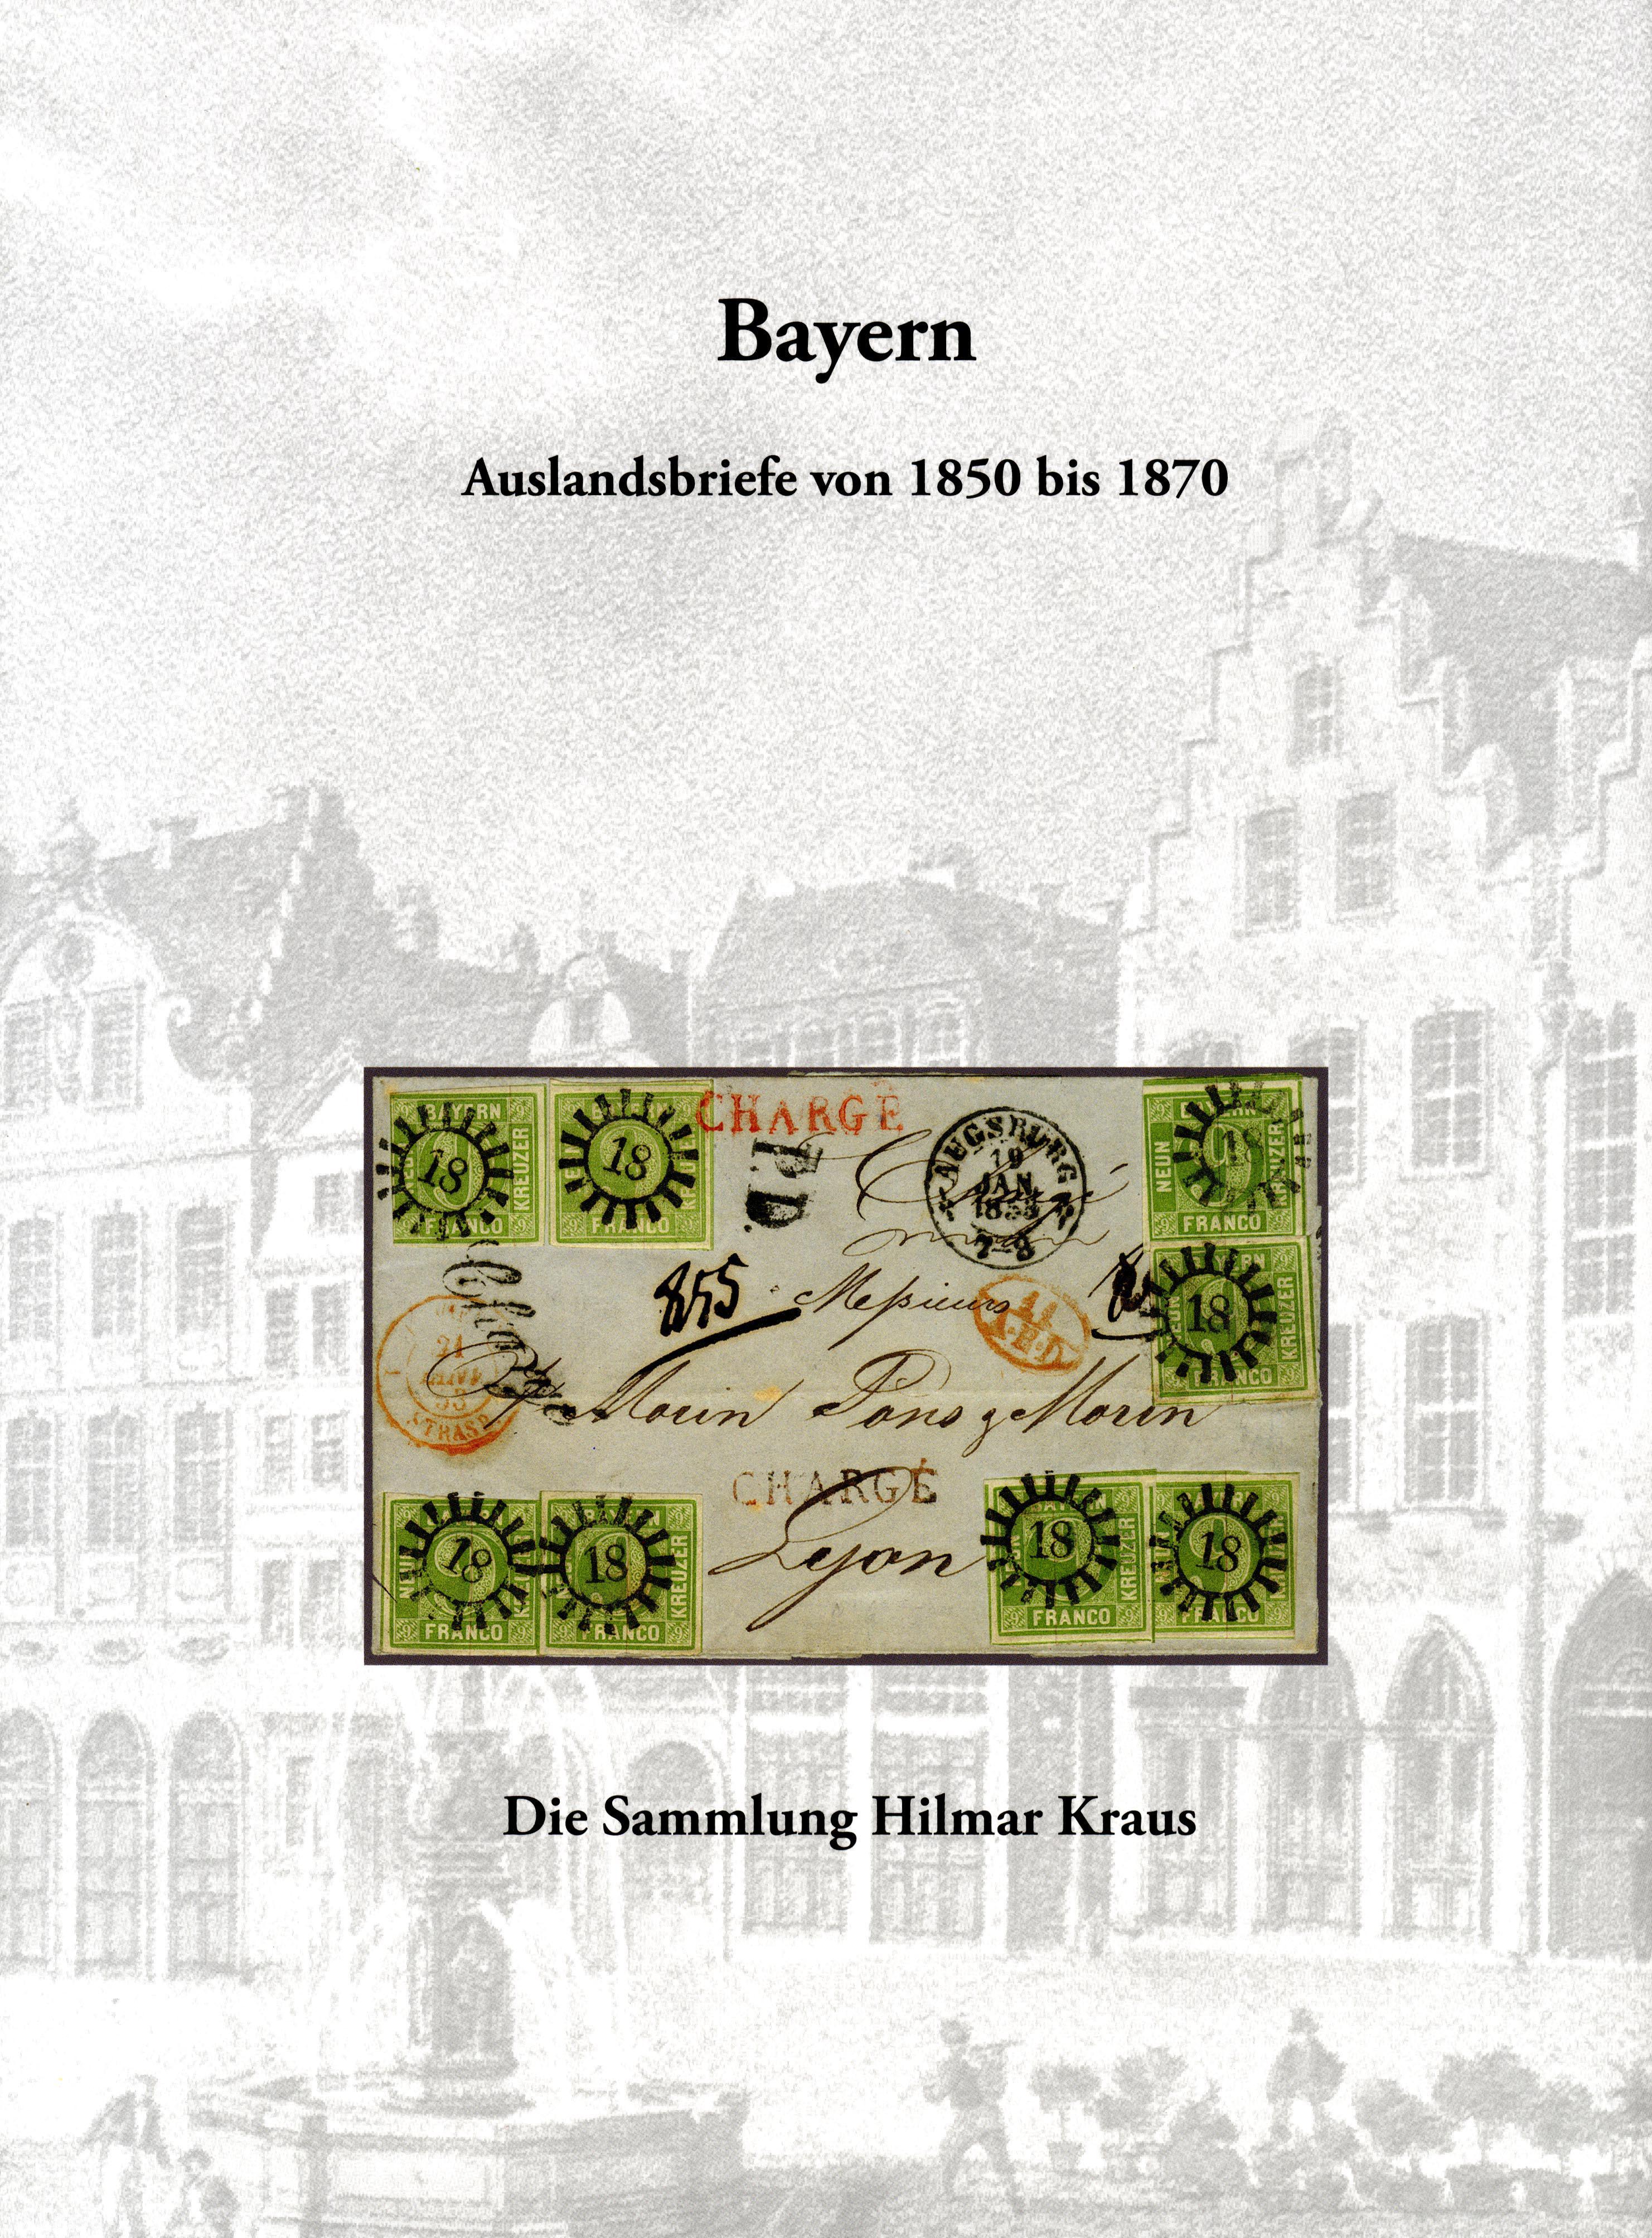 EDITION SPÉCIALE • Bayern - Auslandsbriefe von 1850 bis 1870 • Die Sammlung Hilmar Kraus